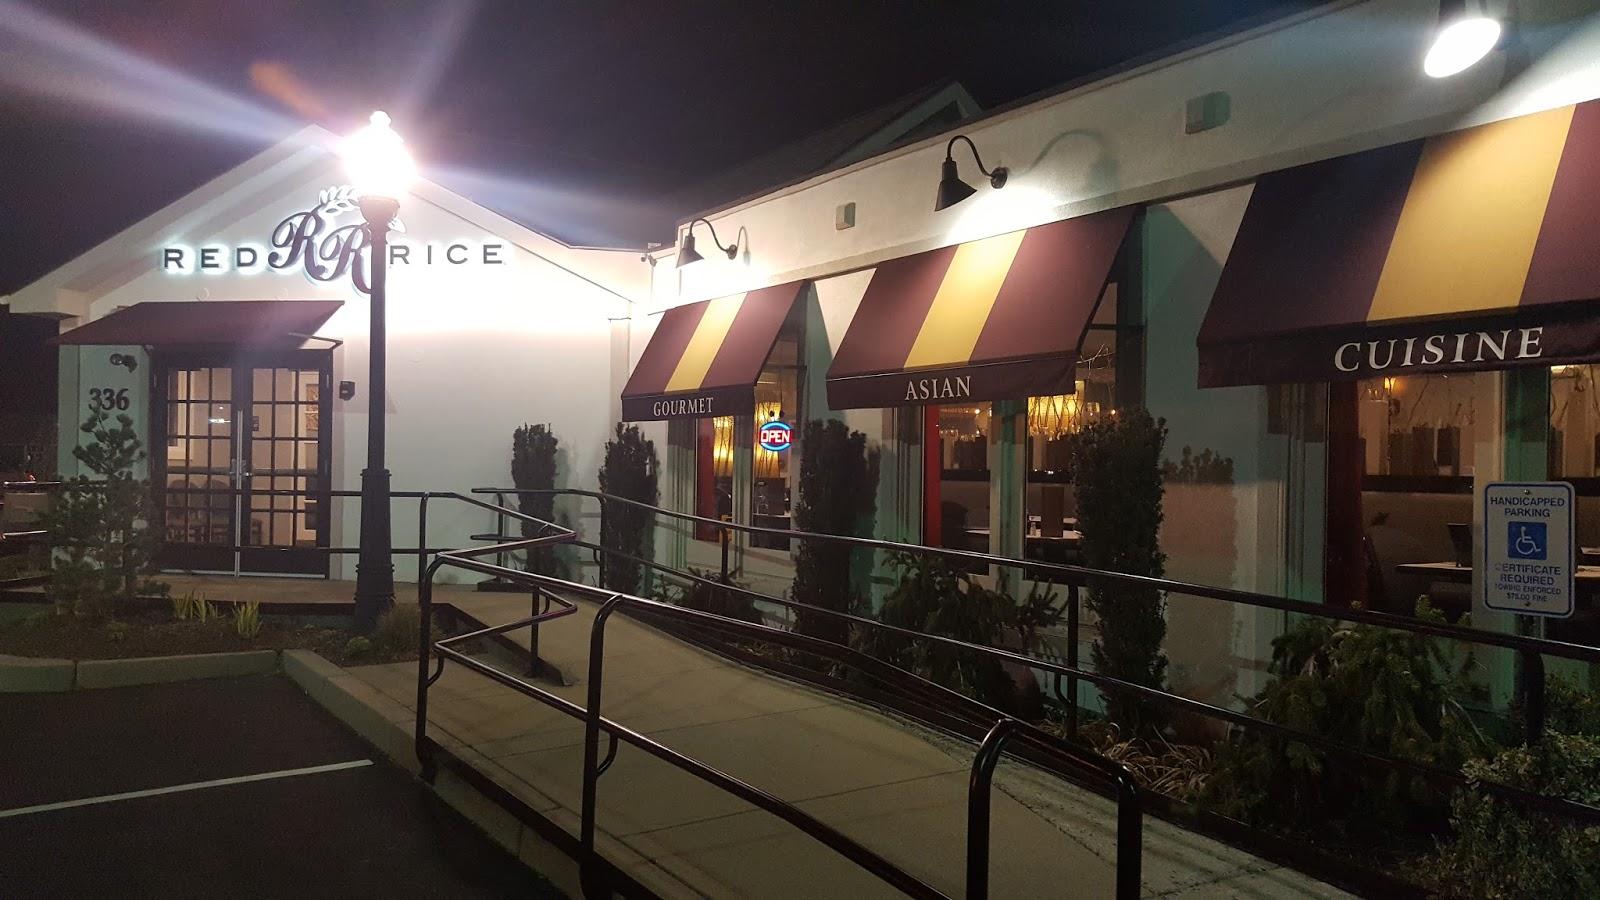 Restaurants In Rhode Island 2016